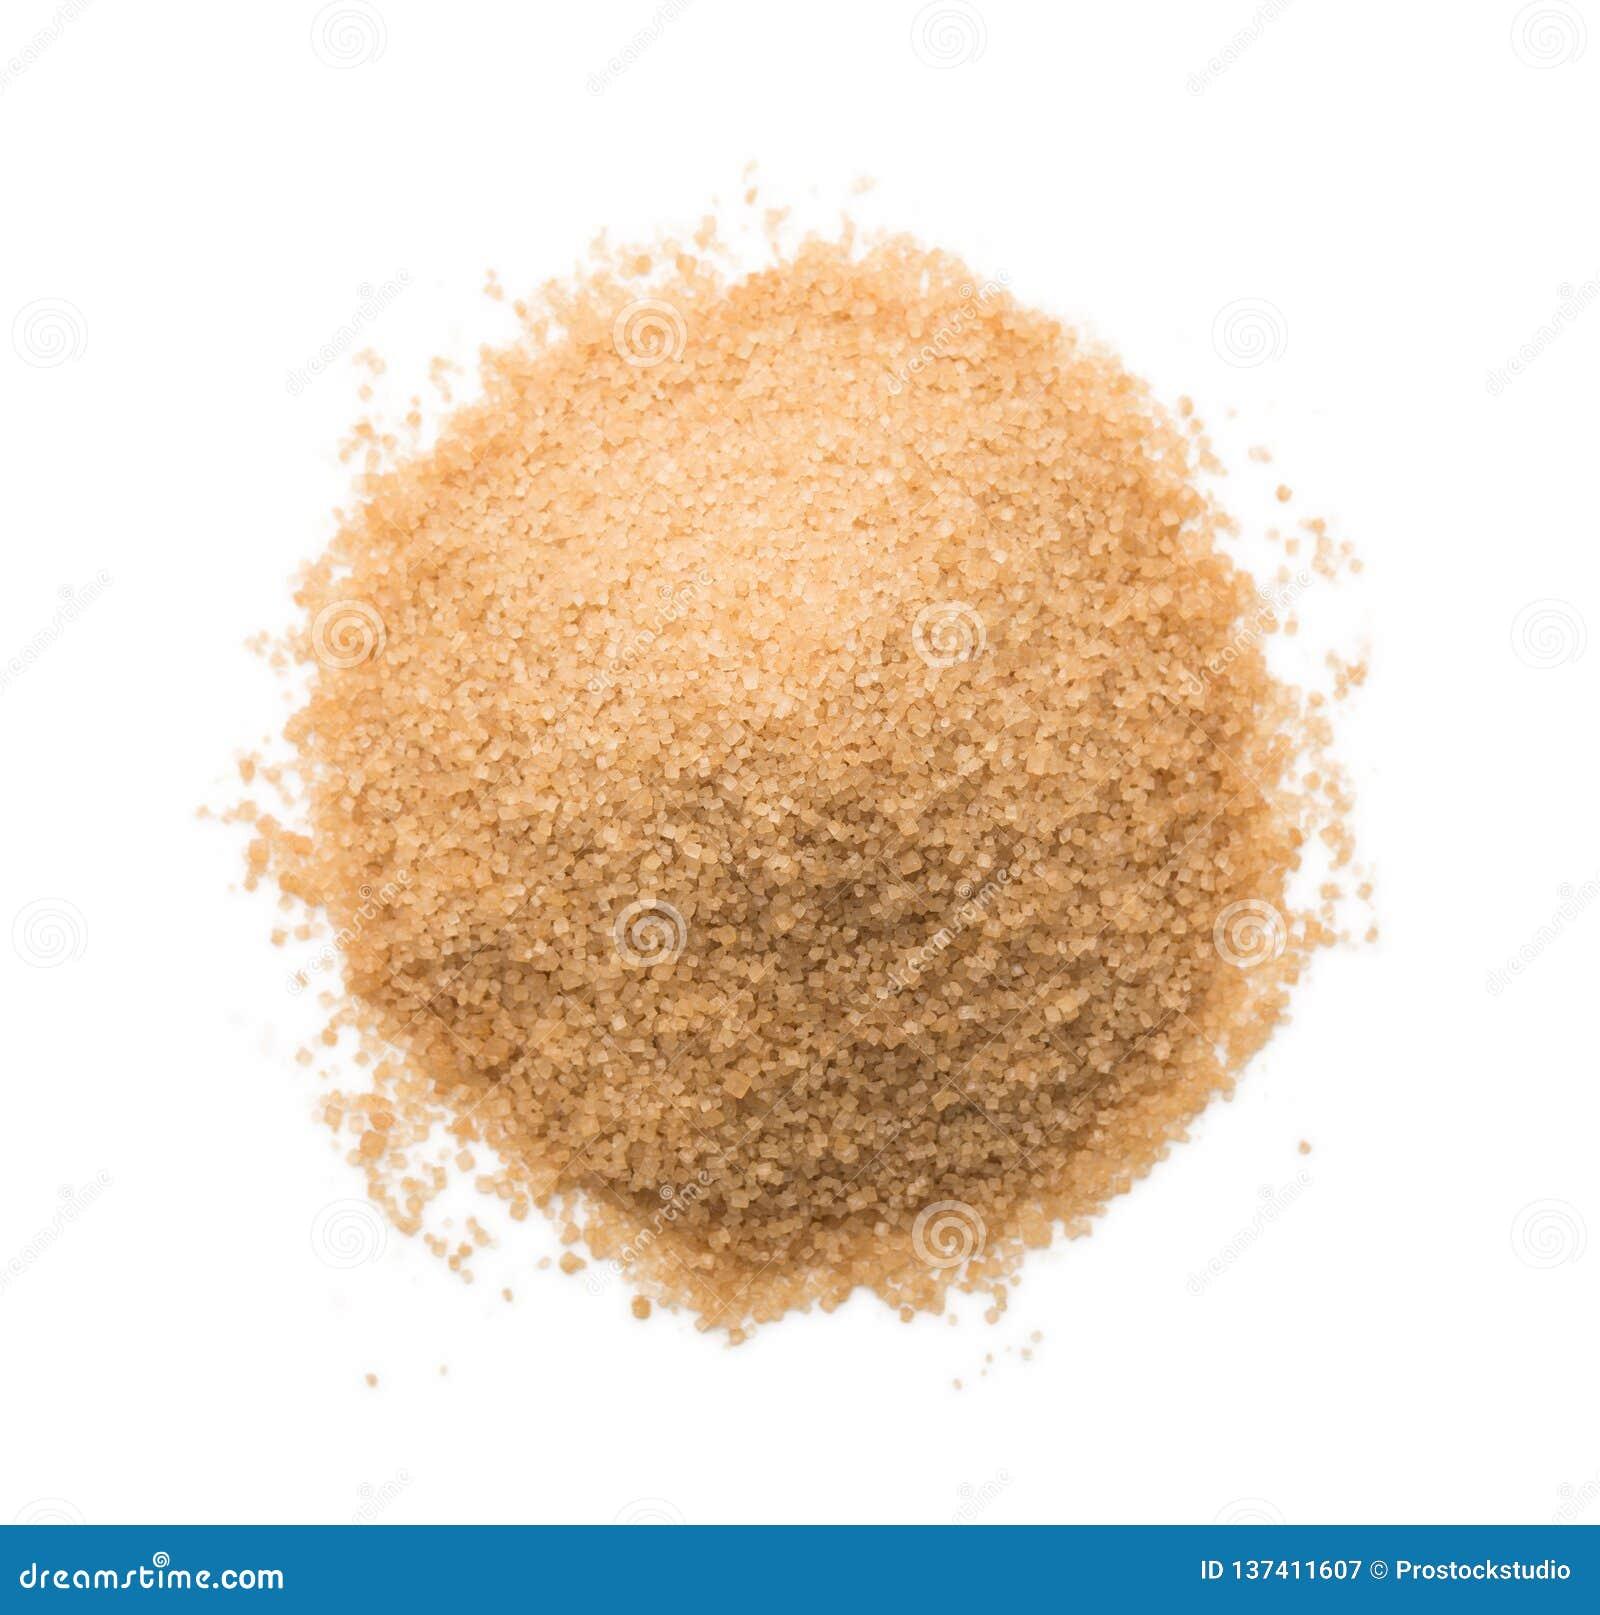 Λόφος ζάχαρης καλάμων που απομονώνεται στο άσπρο υπόβαθρο